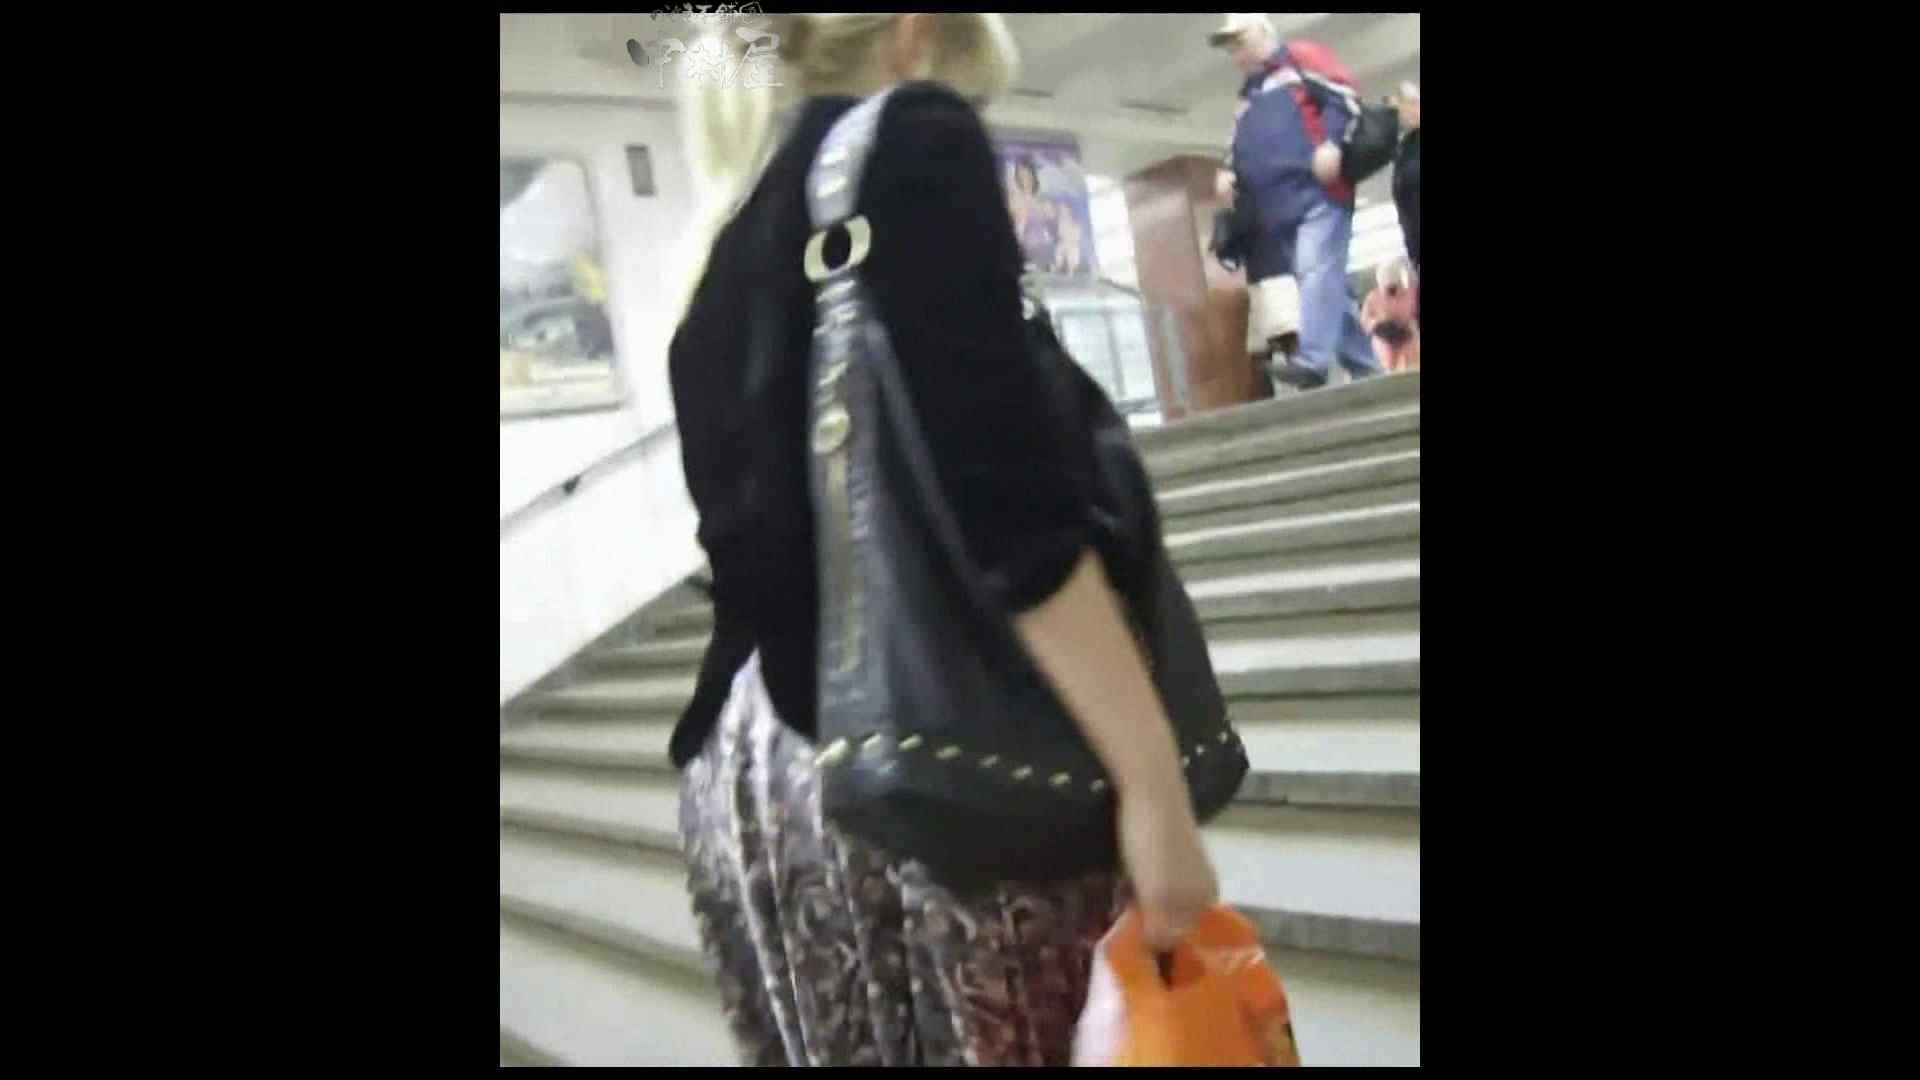 綺麗なモデルさんのスカート捲っちゃおう‼ vol13 そそるぜモデル 盗み撮り動画 16連発 11